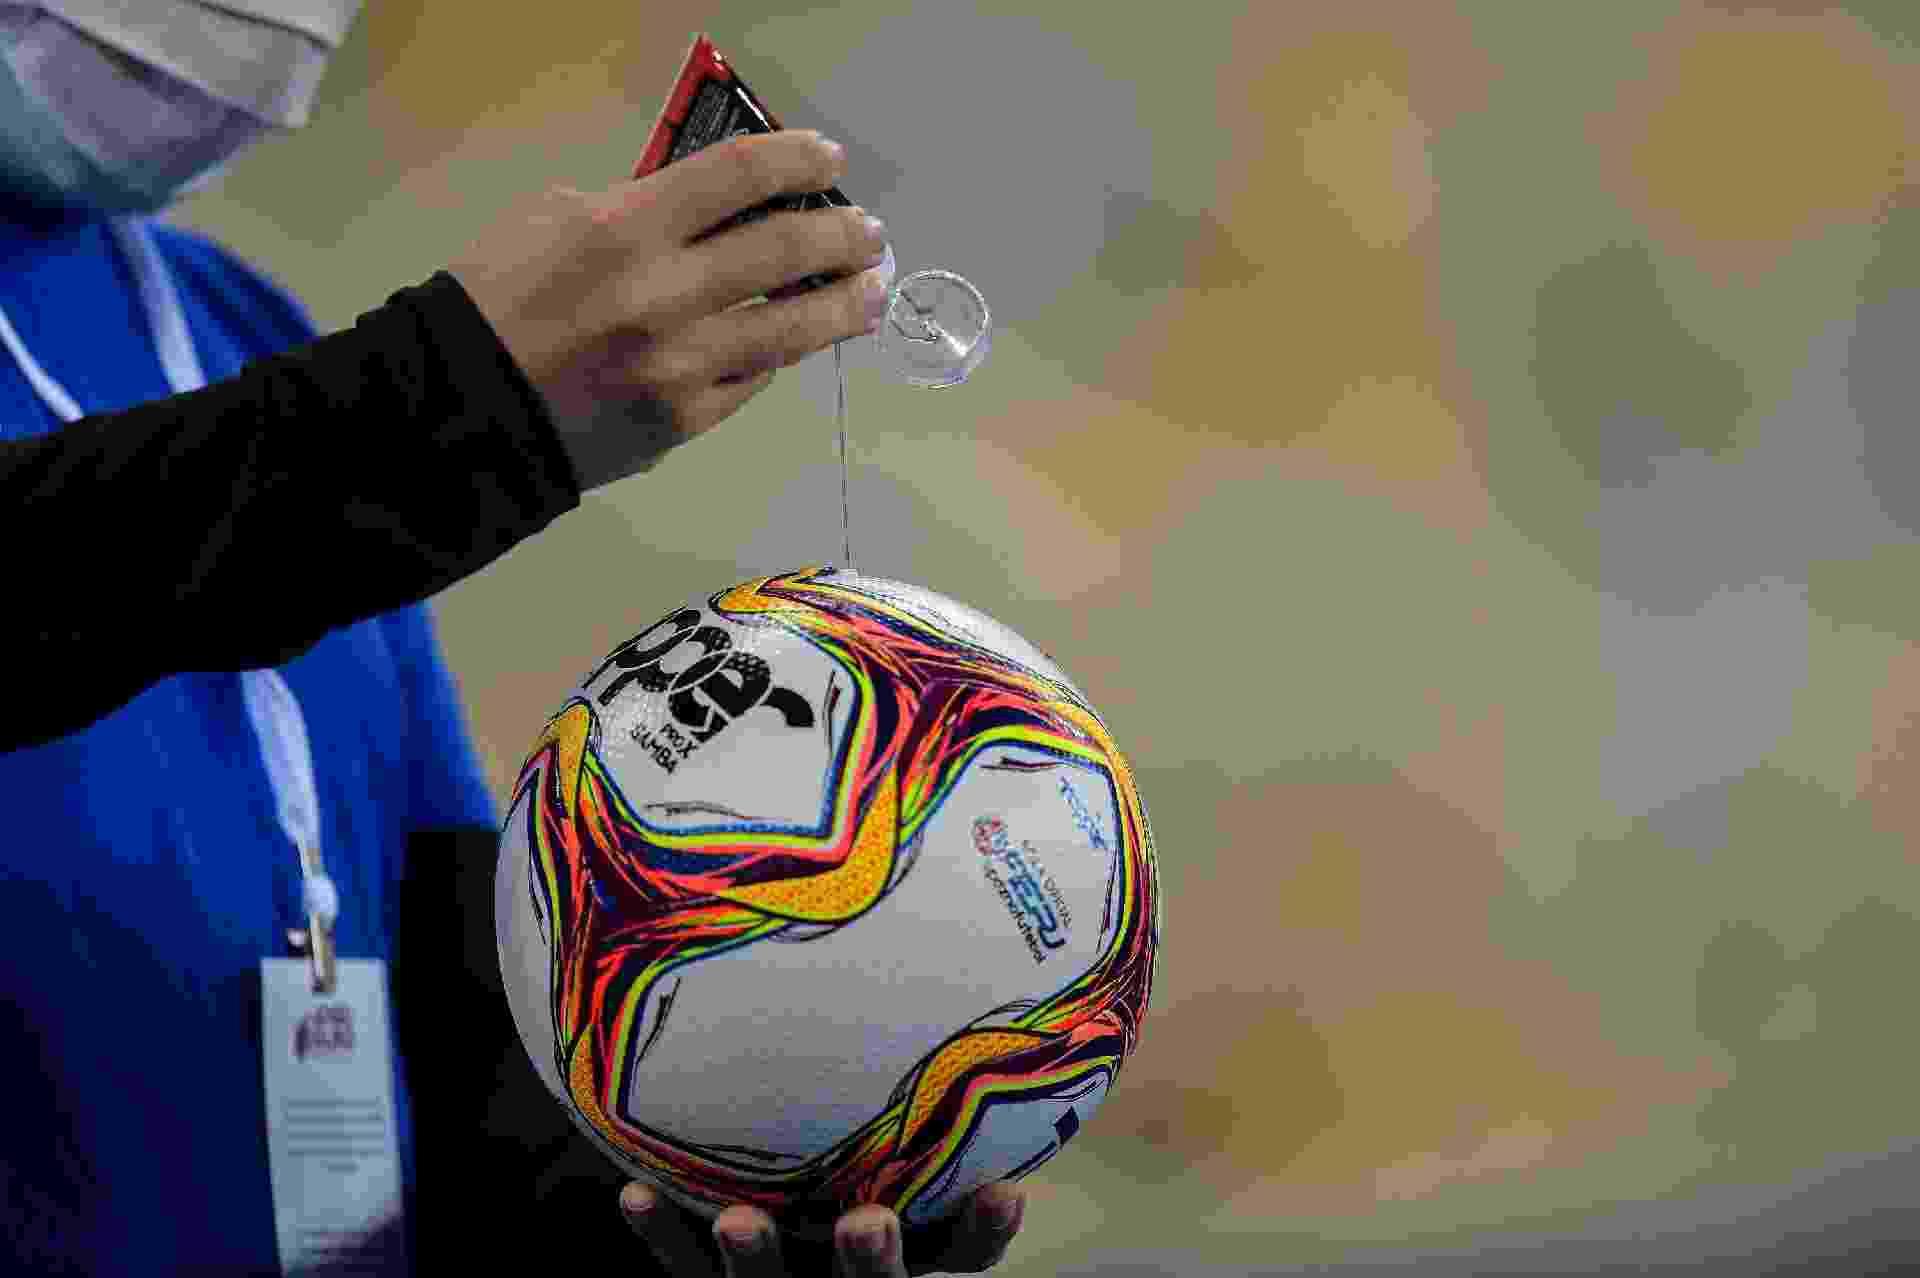 Gandula de Bangu x Flamengo higieniza uma das bolas utilizada na partida do Carioca - Thiago Ribeiro/AGIF